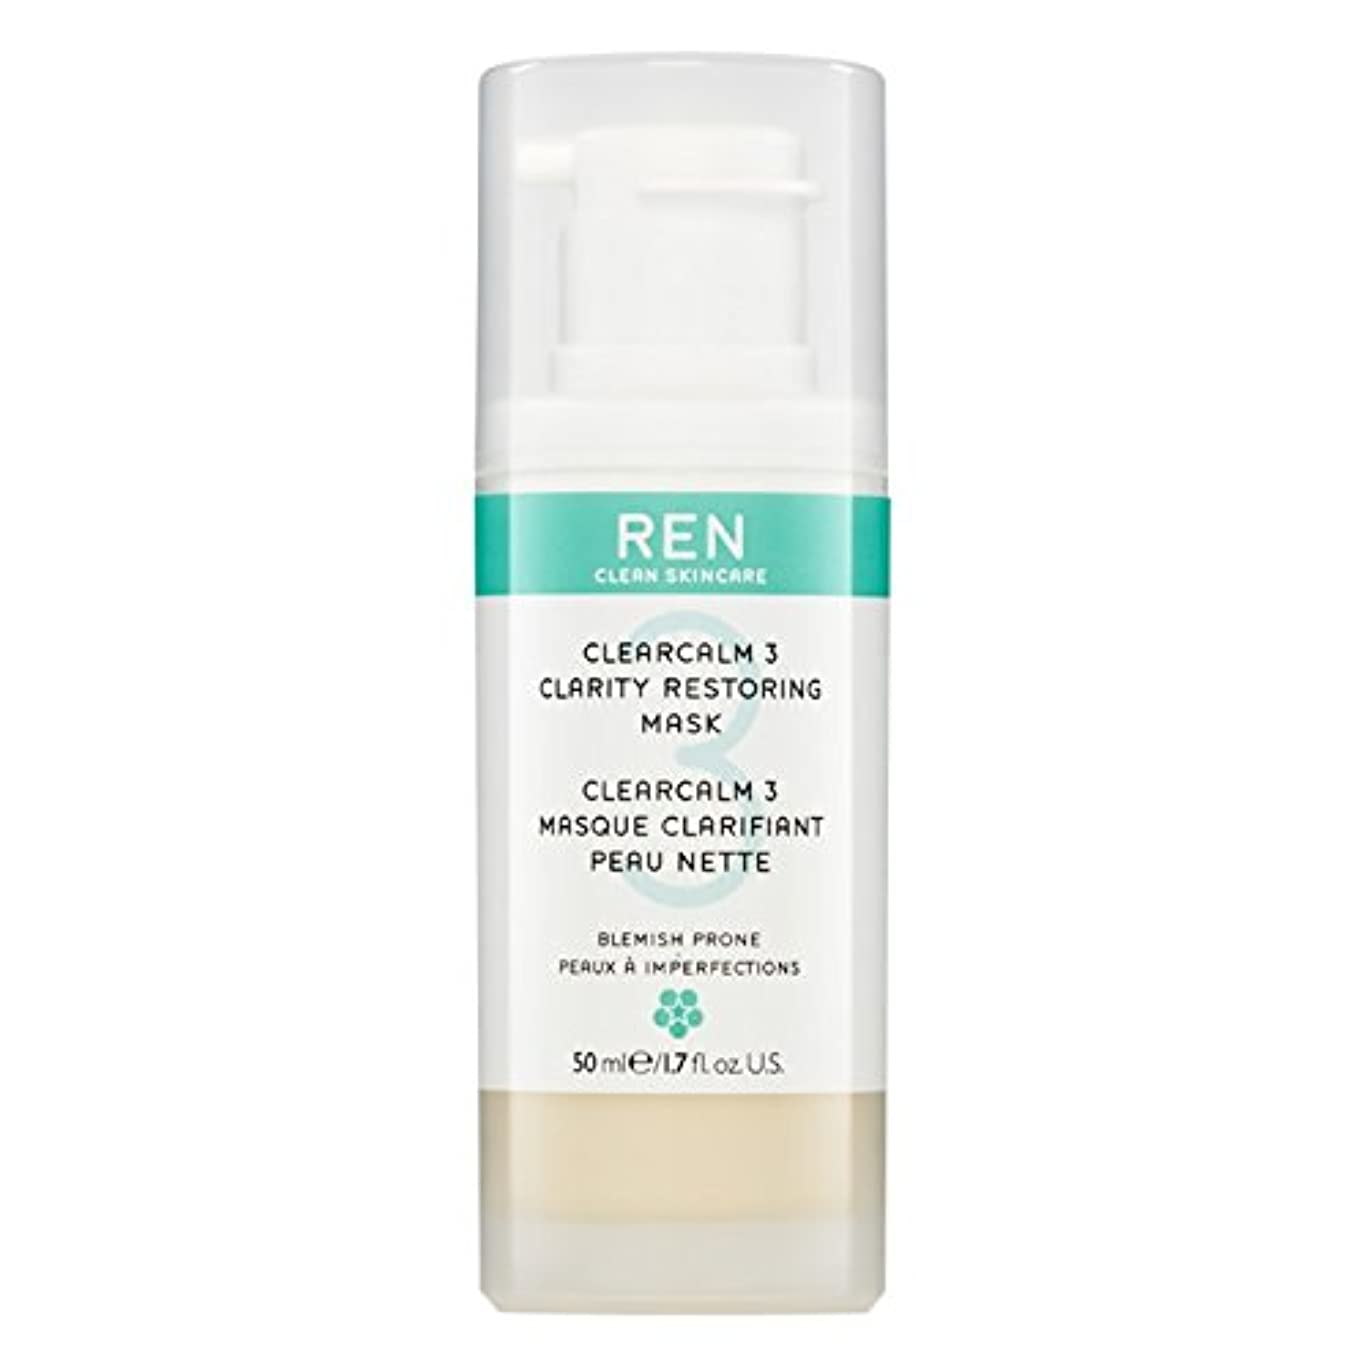 申込み冷ややかな動的クレイ洗顔料の150ミリリットルを明確レン (REN) (x2) - REN Clarifying Clay Facial Cleanser 150ml (Pack of 2) [並行輸入品]